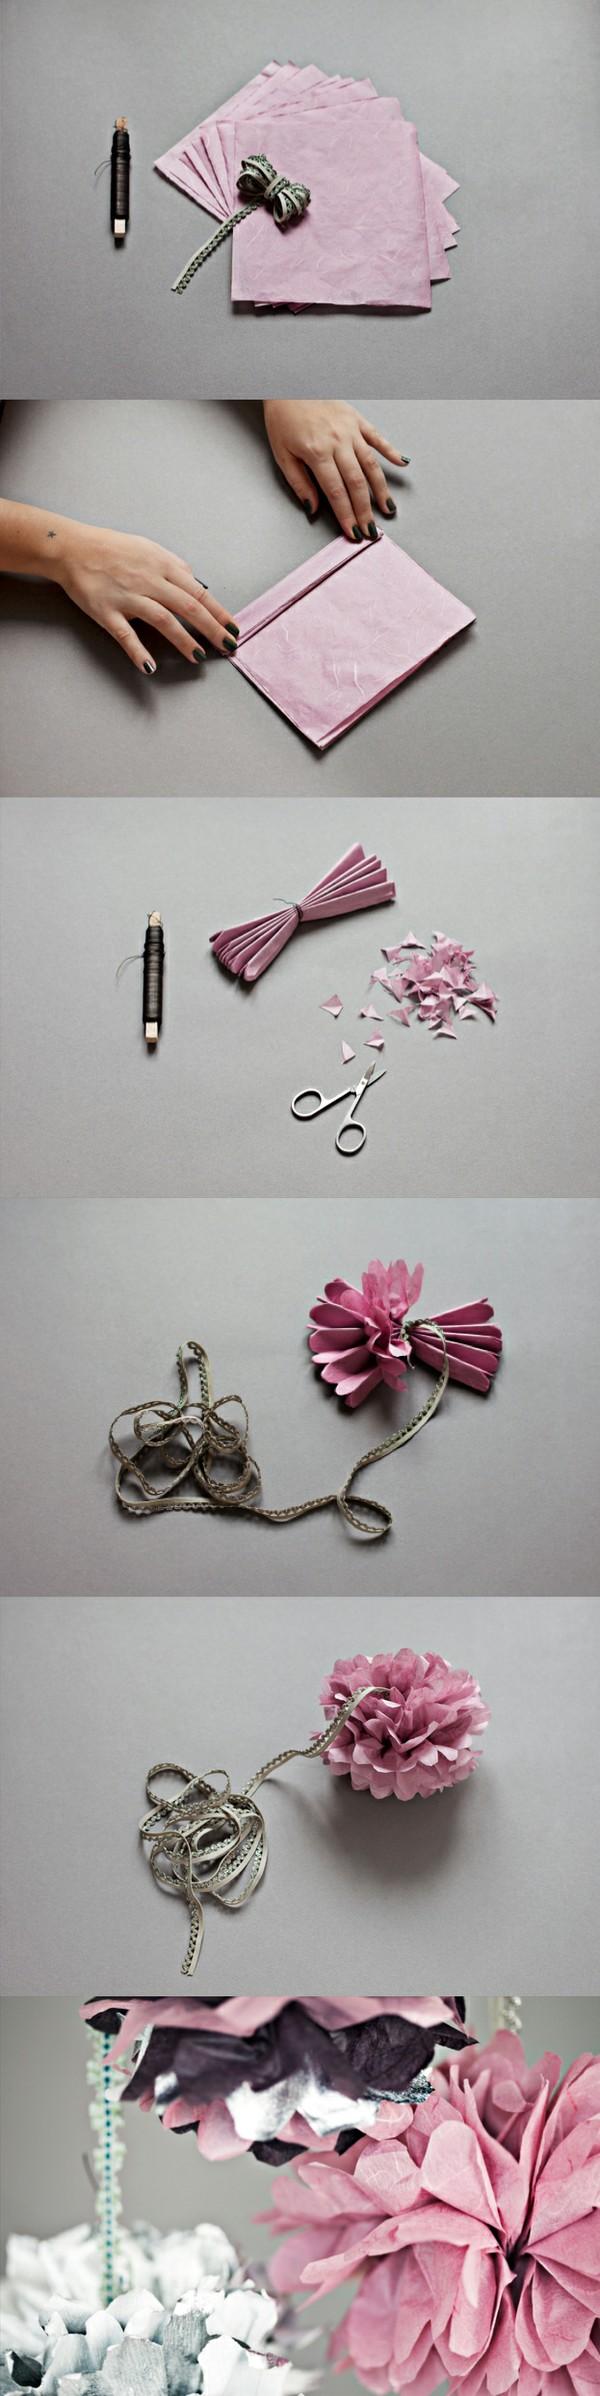 Pom pom paper flower  déco noël  Pinterest  Pom pom diy Hanging